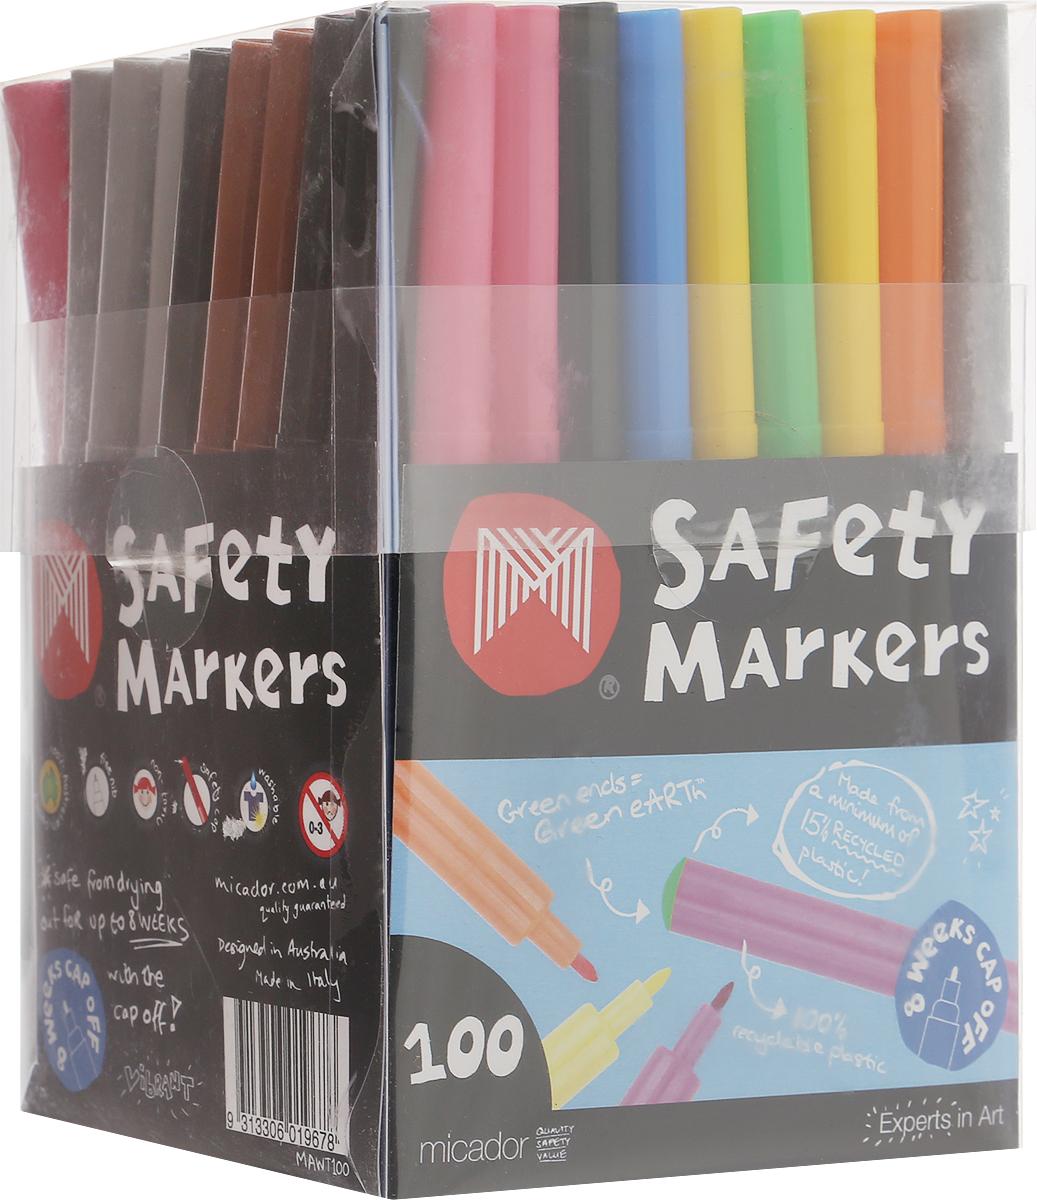 Micador Фломастеры 100 штMAWT100Фломастеры Micador классических цветов на водной основе оценят не только маленькие художники, но их родители. Фломастеры не содержат спирта, растворителей и токсичных компонентов, поэтому полностью безопасны для маленьких детей. Фломастеры имеют яркие насыщенные цвета, чернила не расплываются на бумаге, что позволяет делать четкие линии. Изготовлены по запатентованной технологии Easy Wash. Отлично смываются как с кожи, так и с других поверхностей (ткани, мебели), что обязательно оценят родители. Фломастеры долговечные они не высыхают с открытым колпачком до 8 недель, при необходимости легко заправляются водой, а это значит, вам не придется покупать все новые и новые фломастеры долгое время. Рисование развивает творческие способности, воображение, логику, память, мышление. Австралийский бренд Micador - эксперт в товарах для детского творчества с 1954 года.